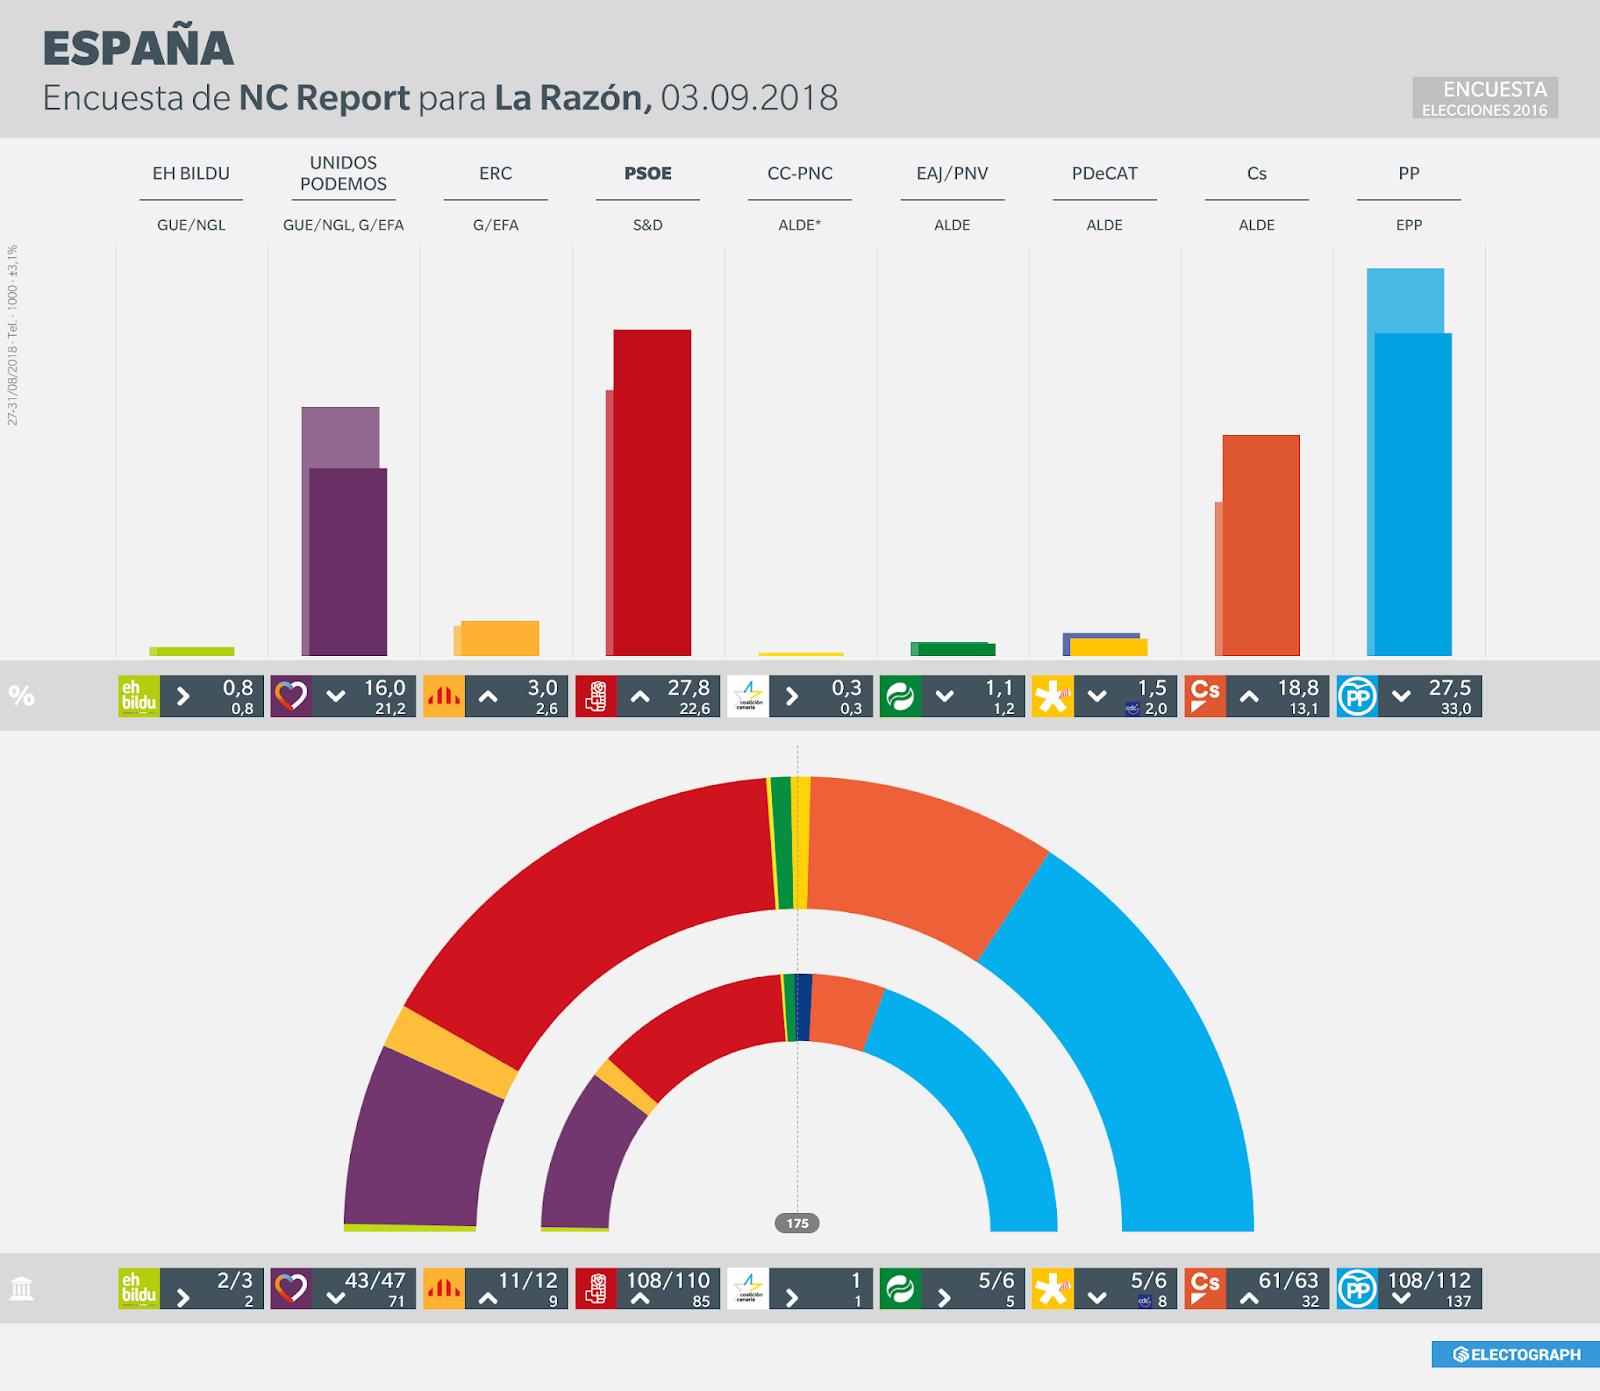 Gráfico de la encuesta para elecciones generales en España realizada por NC Report para La Razón en agosto de 2018